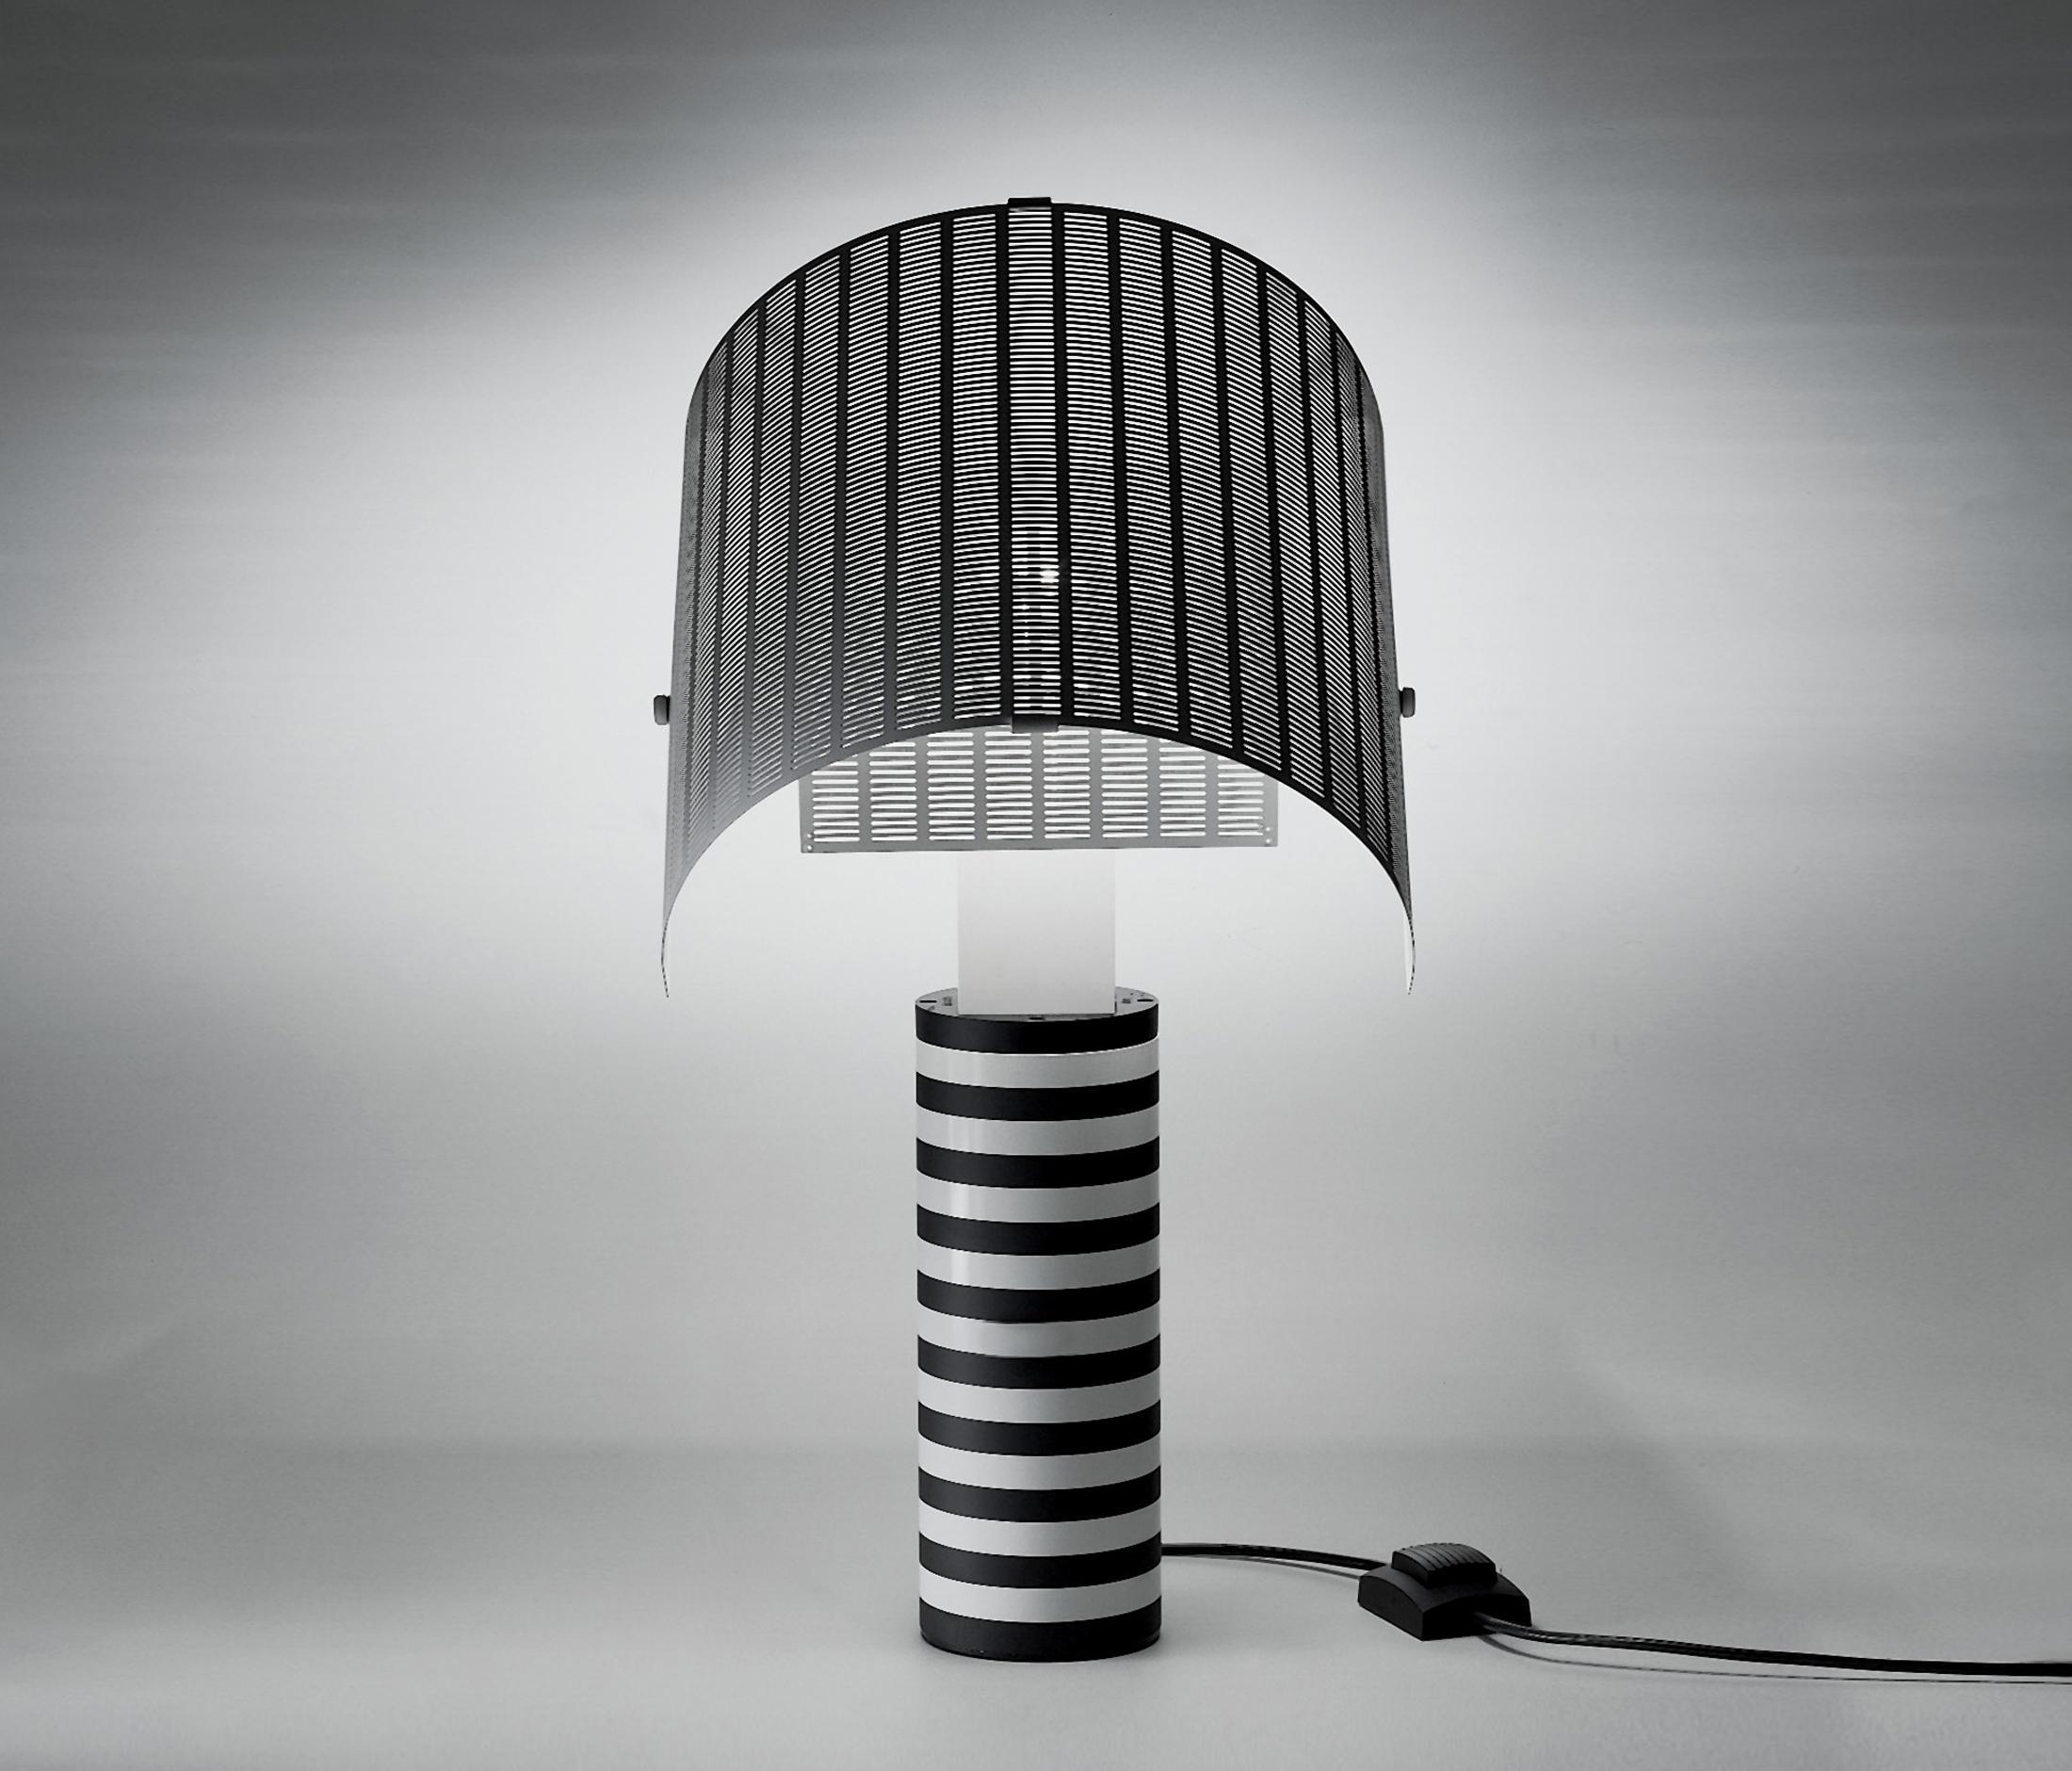 Shogun lampade da tavolo lampade tavolo artemide - Lampade da tavolo artemide ...